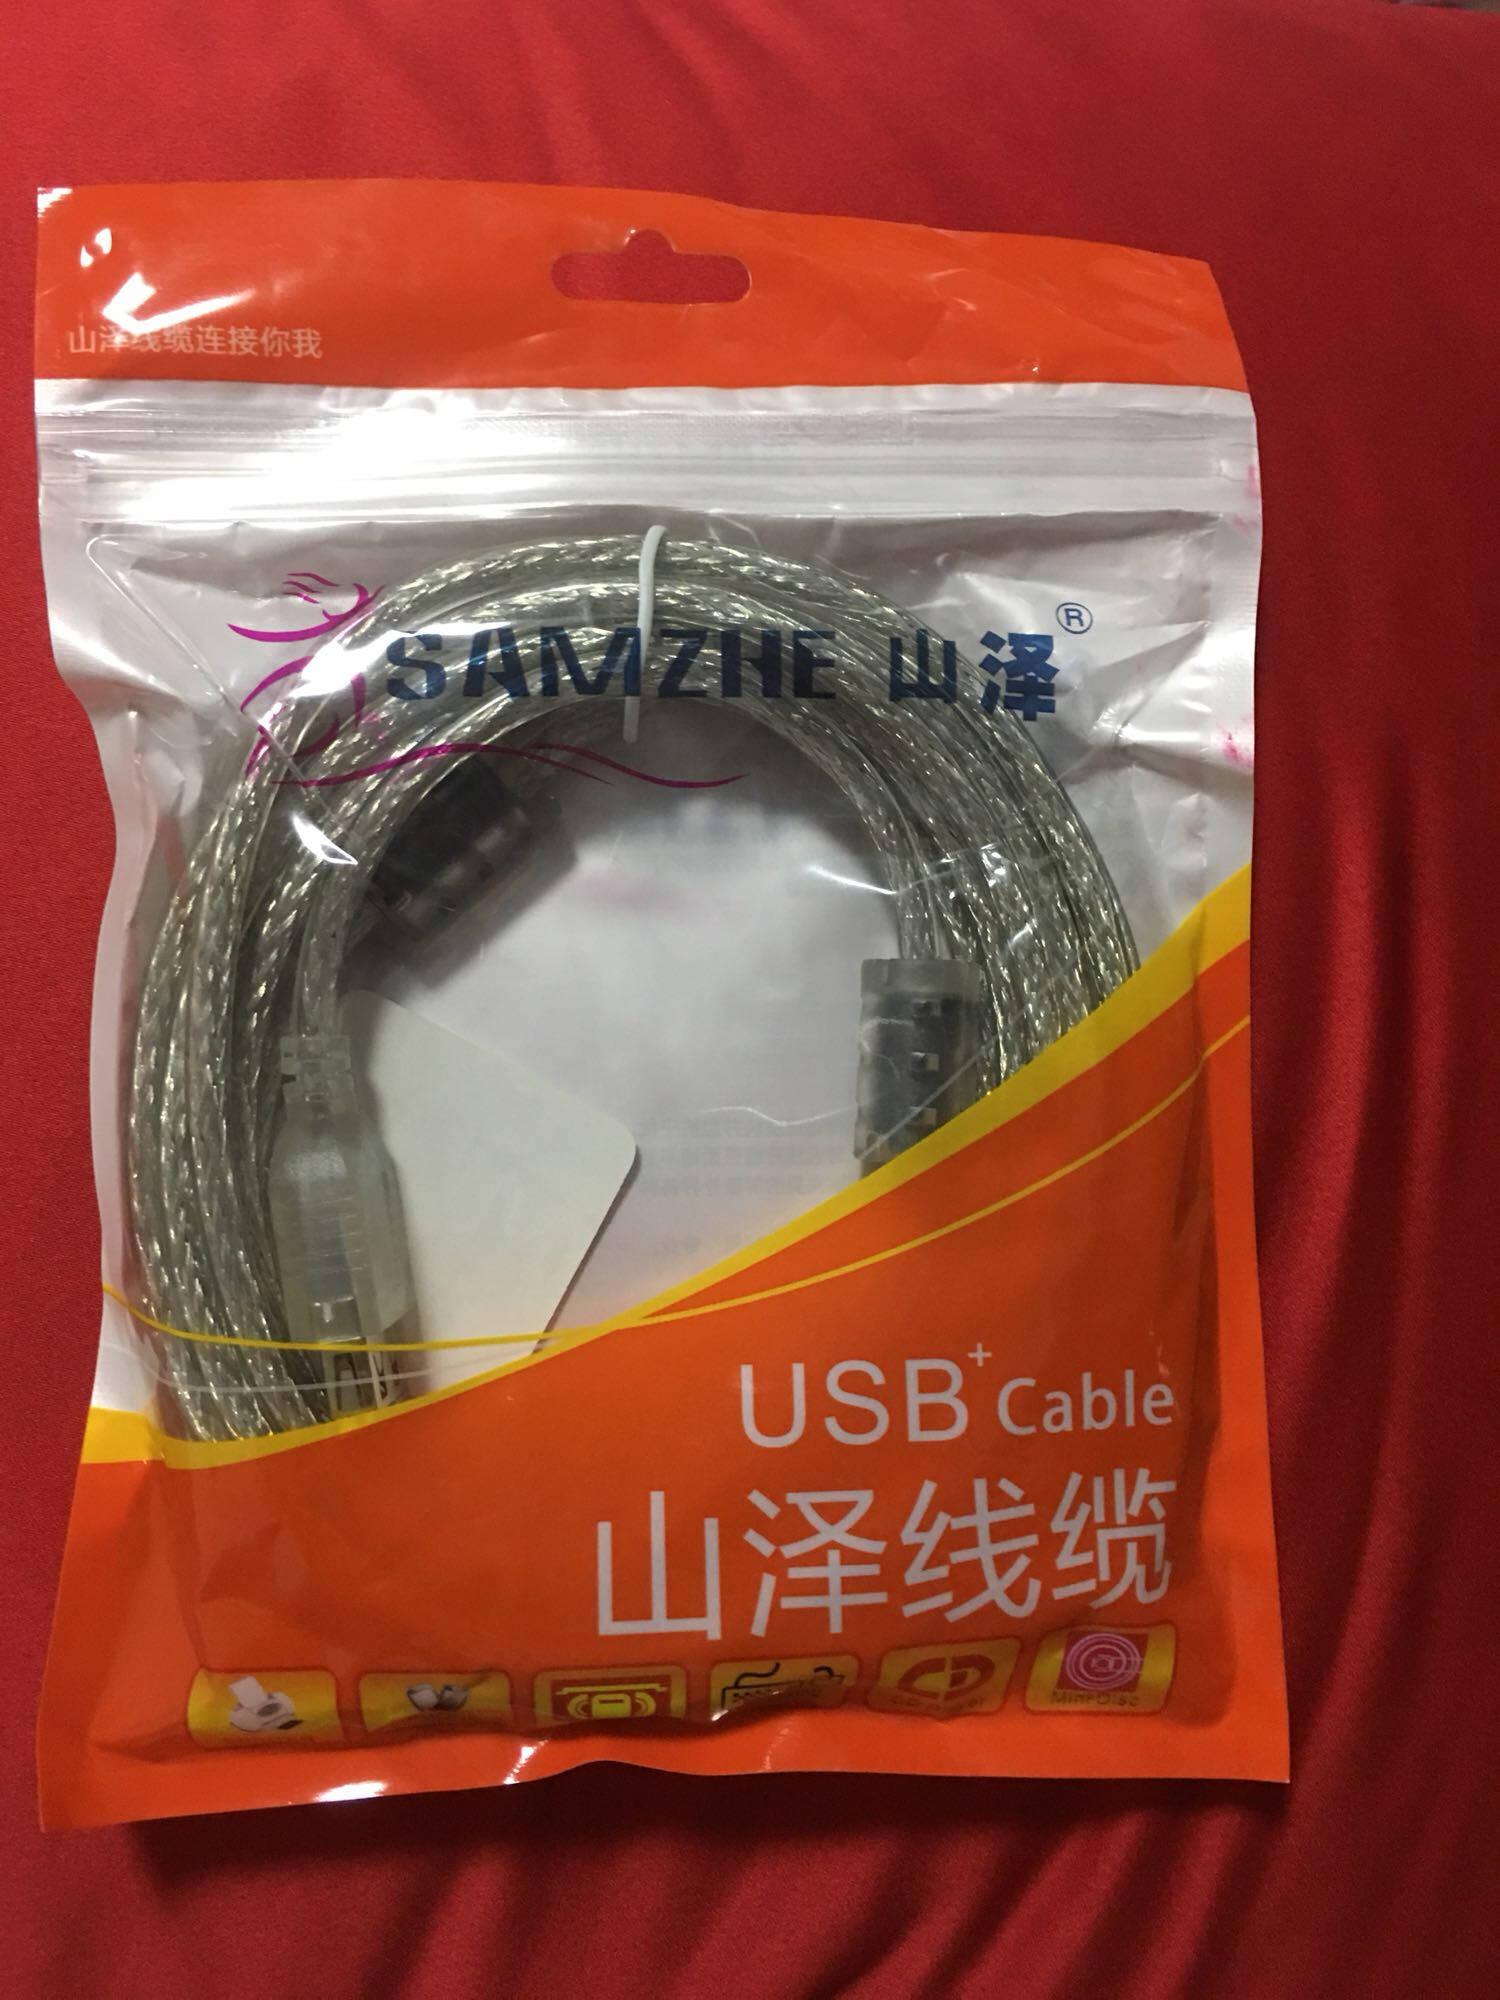 山泽(SAMZHE)USB3.0分线器高速4口HUB集线器USB扩展坞笔记本电脑一拖四转换器转接头延长线HUB11